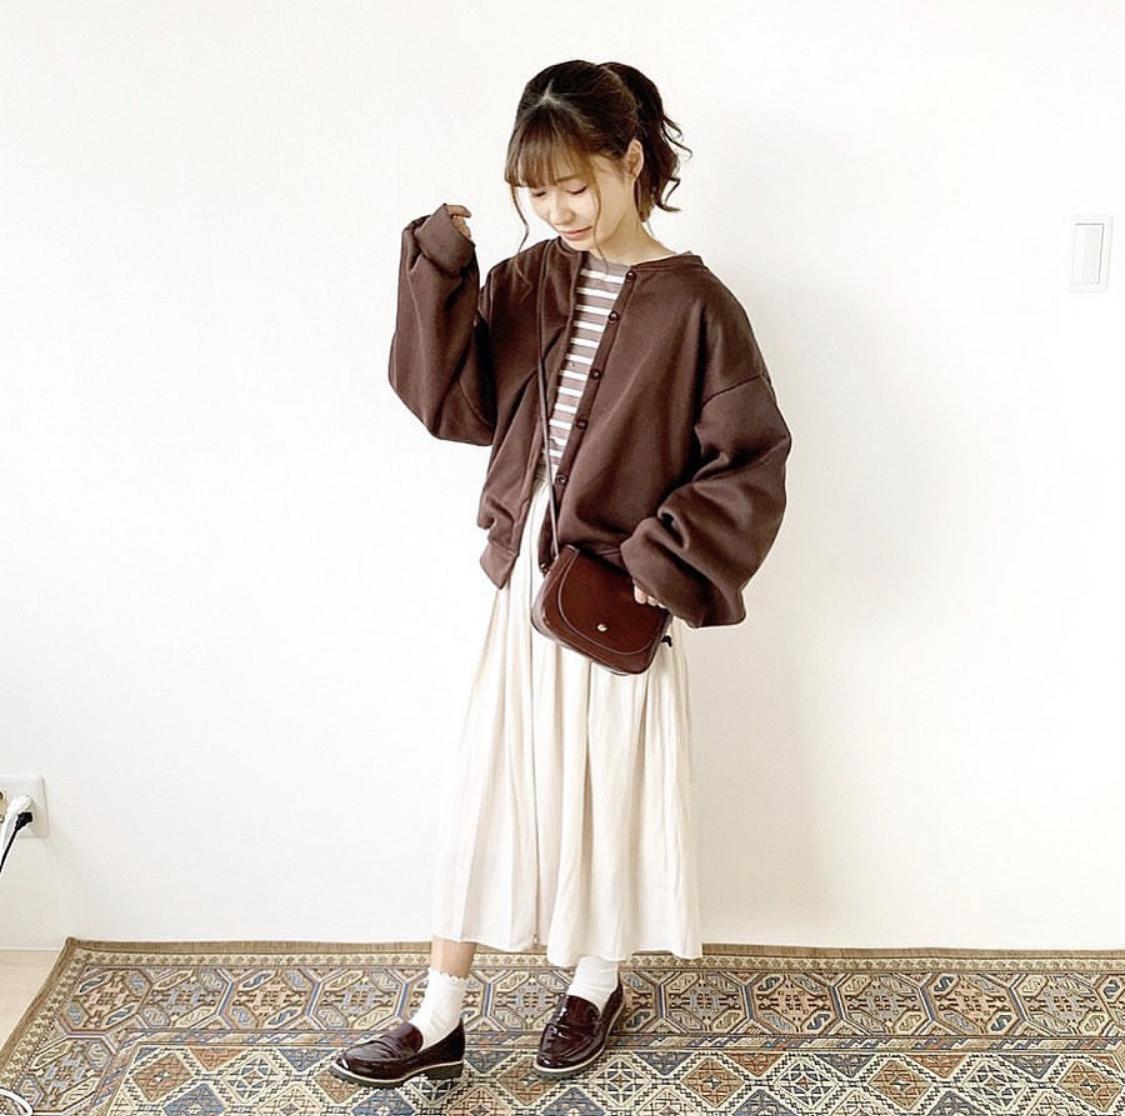 【送料無料】 ゆるシルエットがかわいい♡ スウェット ボリューム袖 カーディガン 羽織り ブルゾン ジャケット